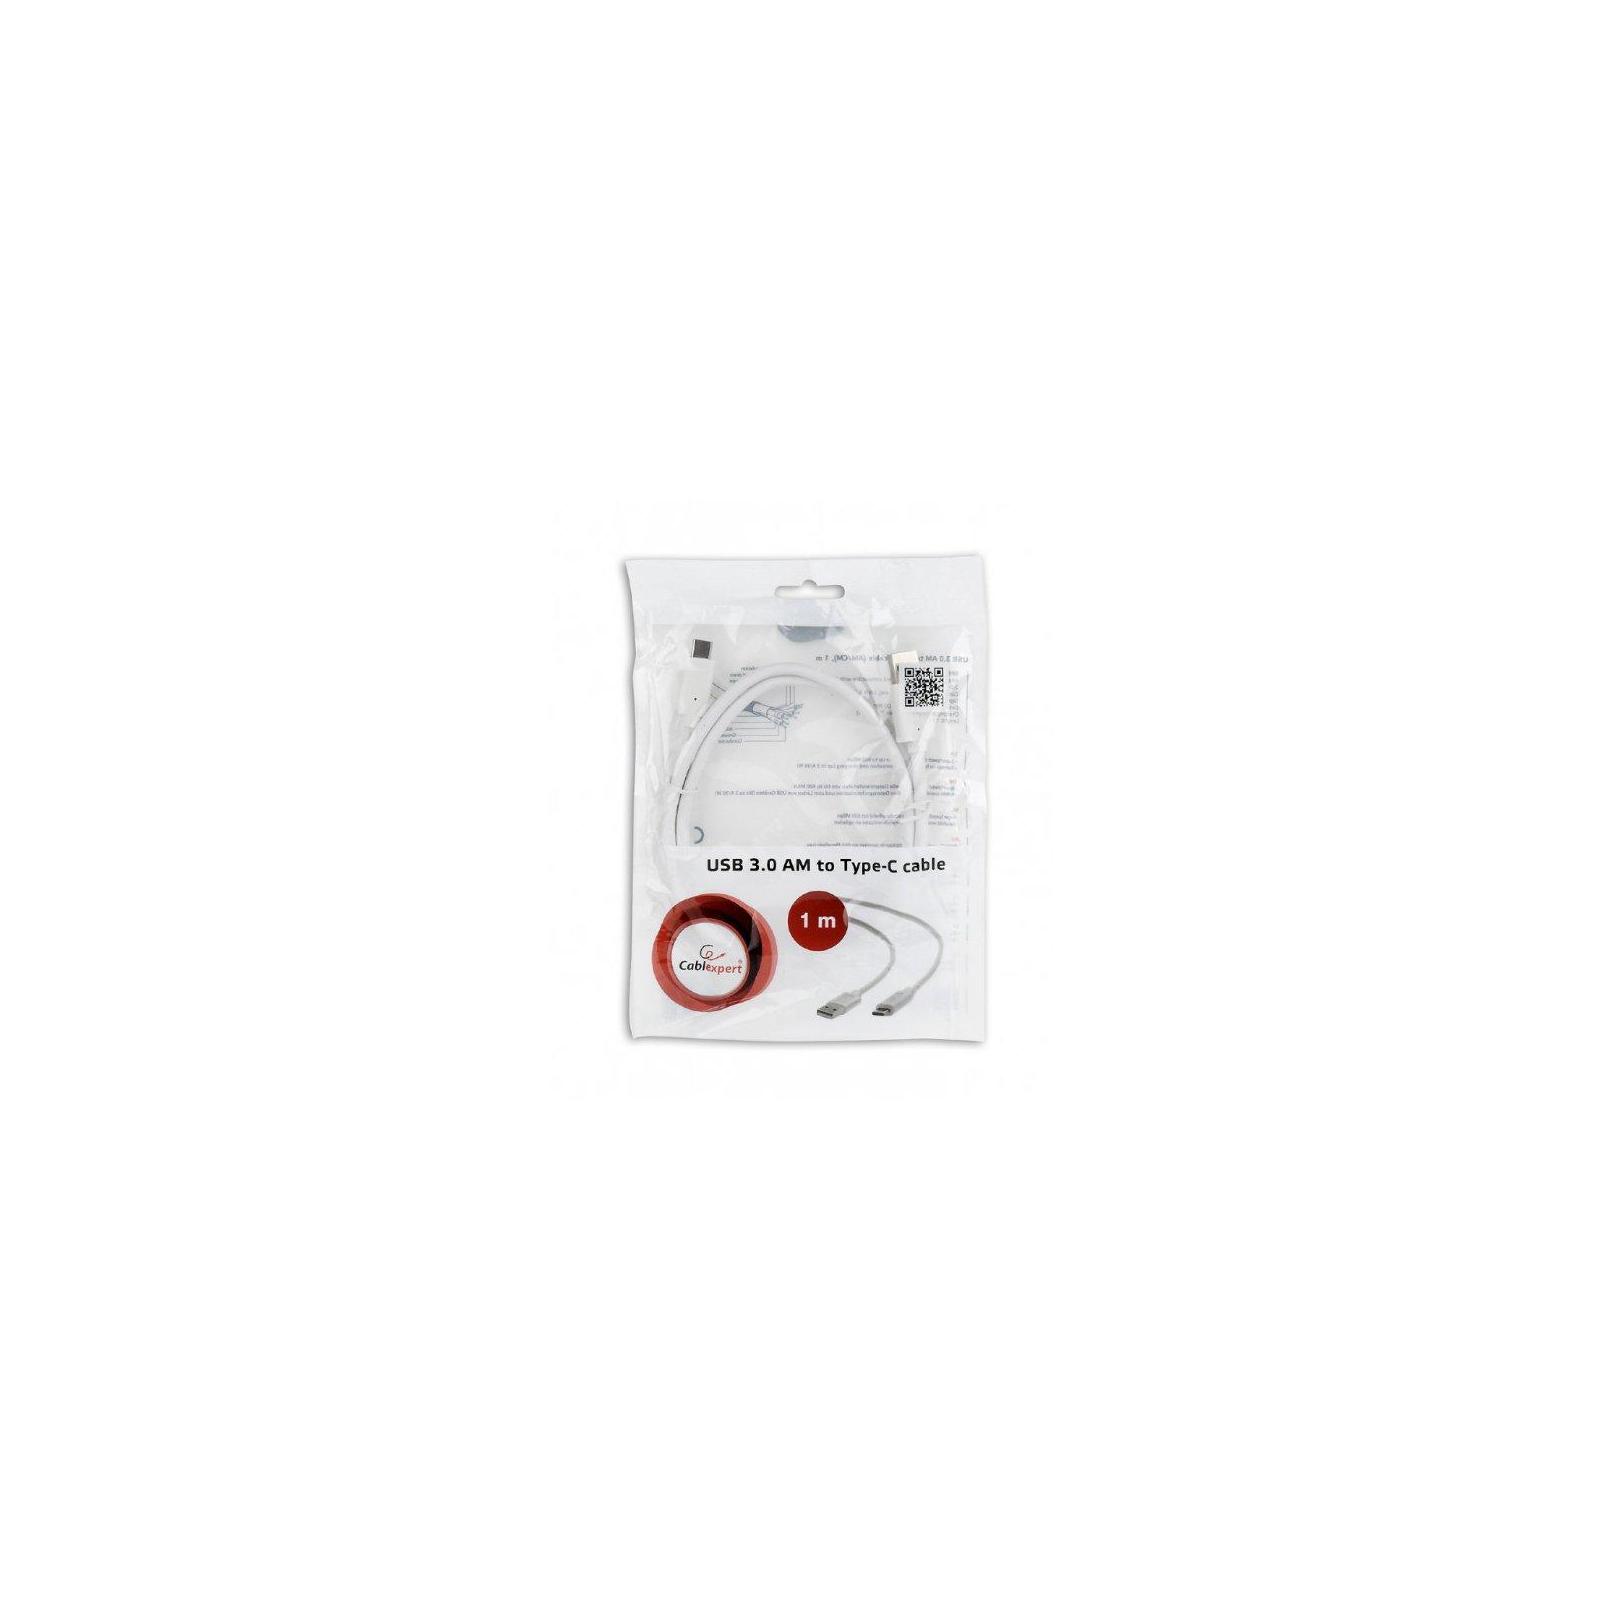 Дата кабель USB 3.0 AM to Type-C 1.0m Cablexpert (CCP-USB3-AMCM-1M-W) изображение 4